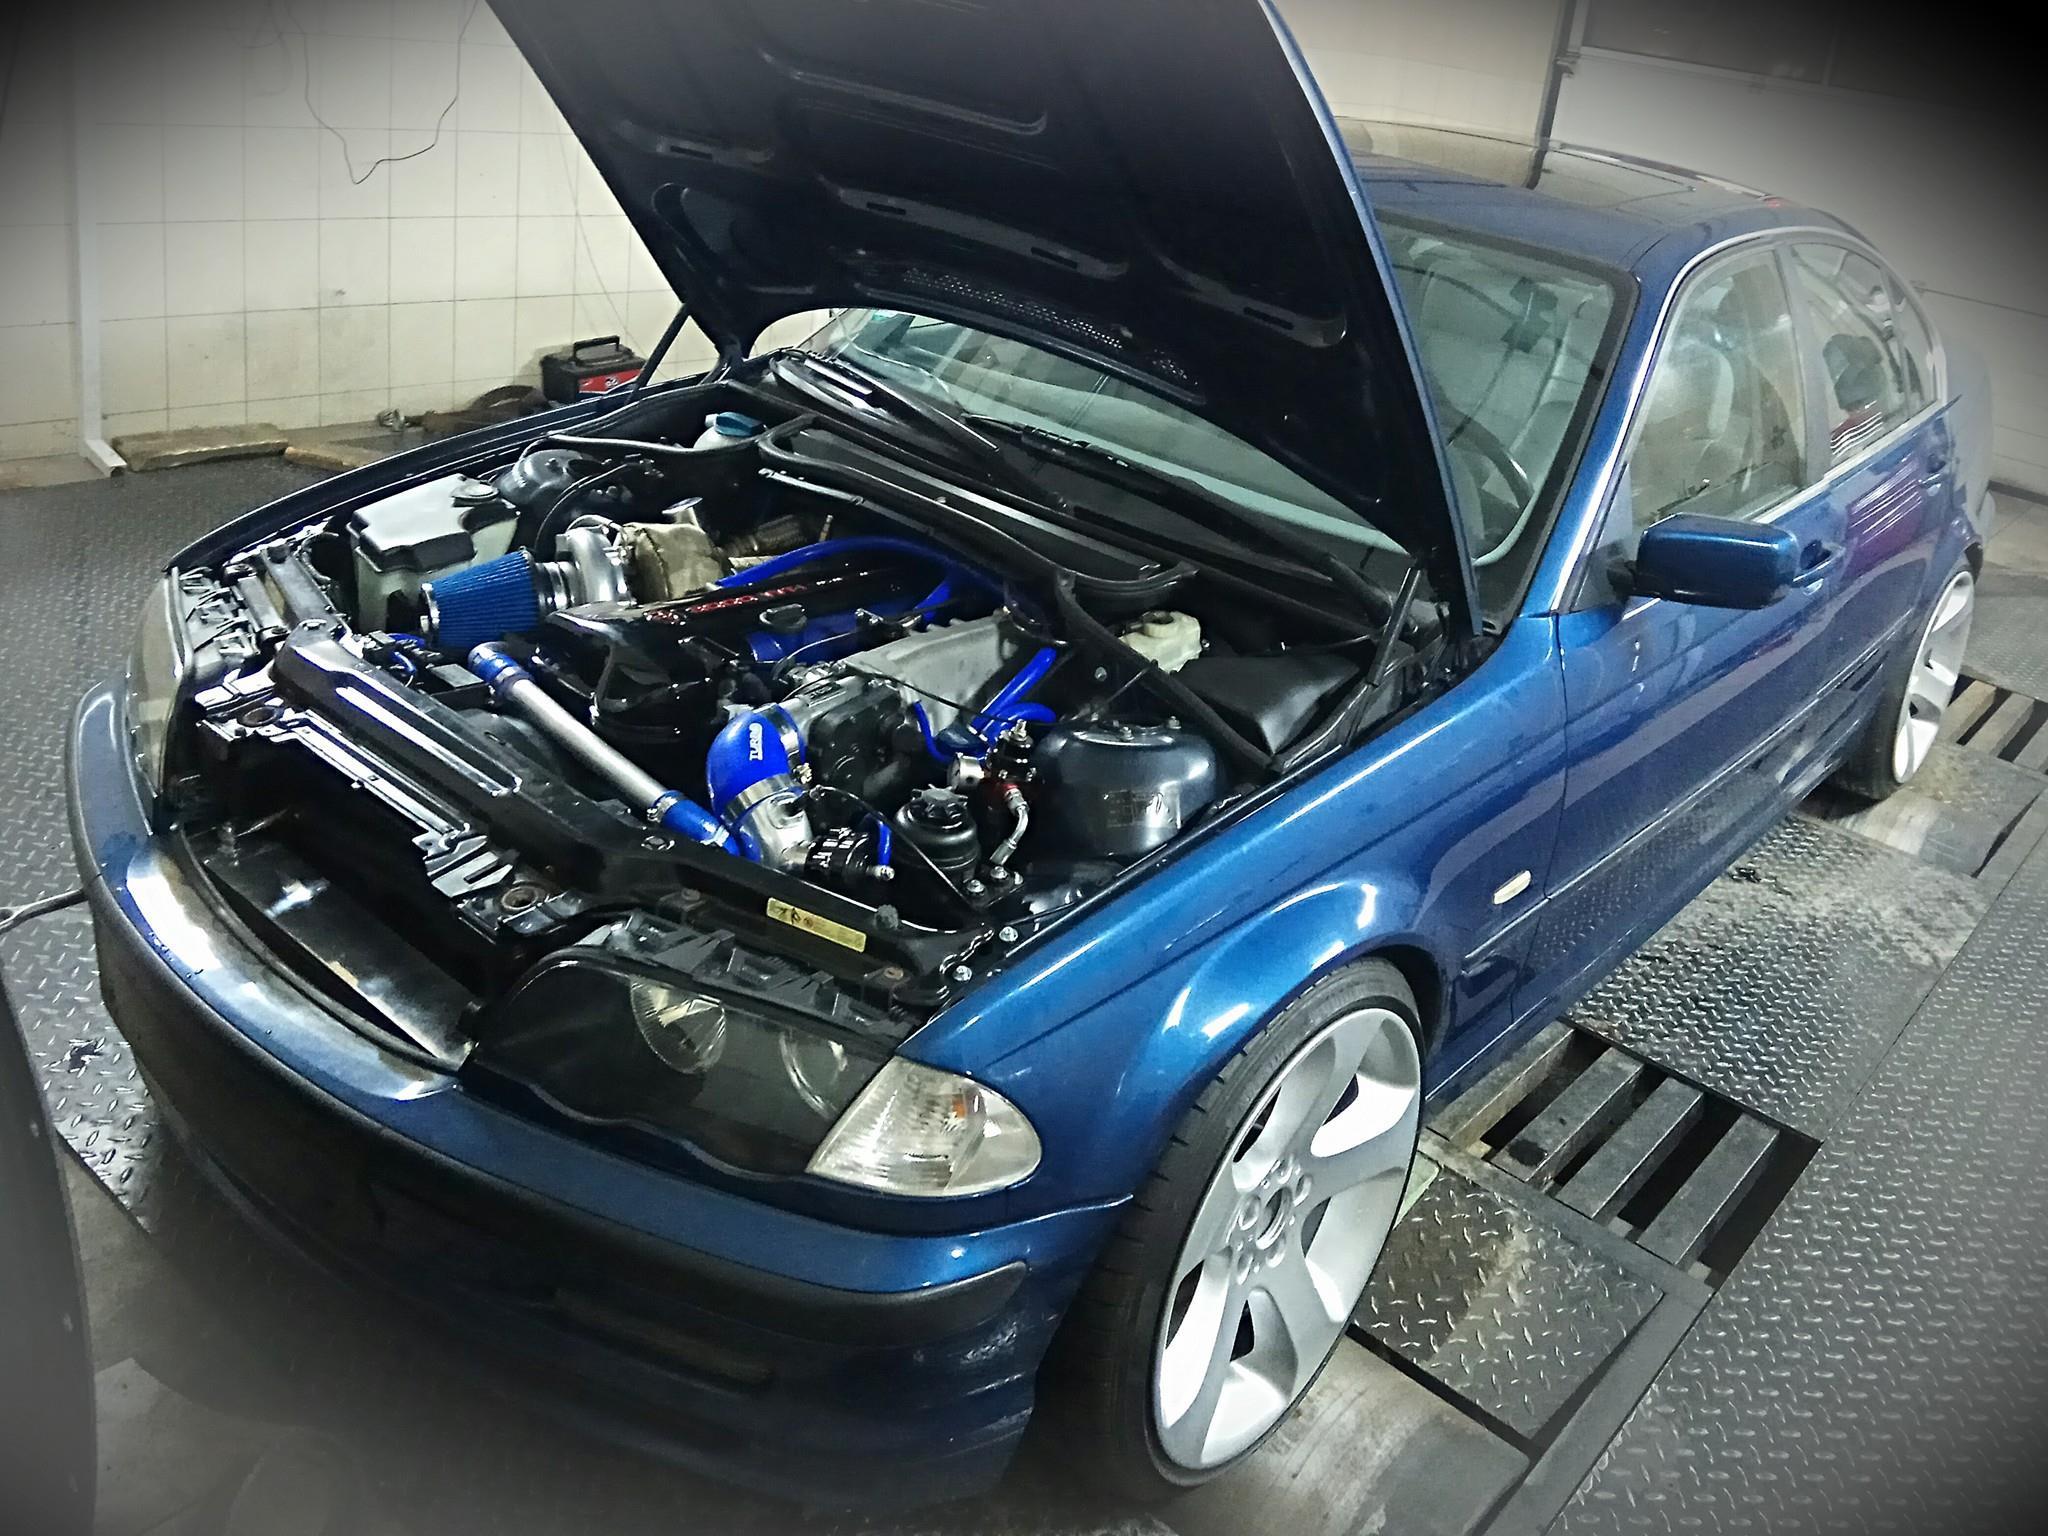 BMW E46 with a 700 hp Turbo 2JZ-GTE Inline-Six – Engine Swap